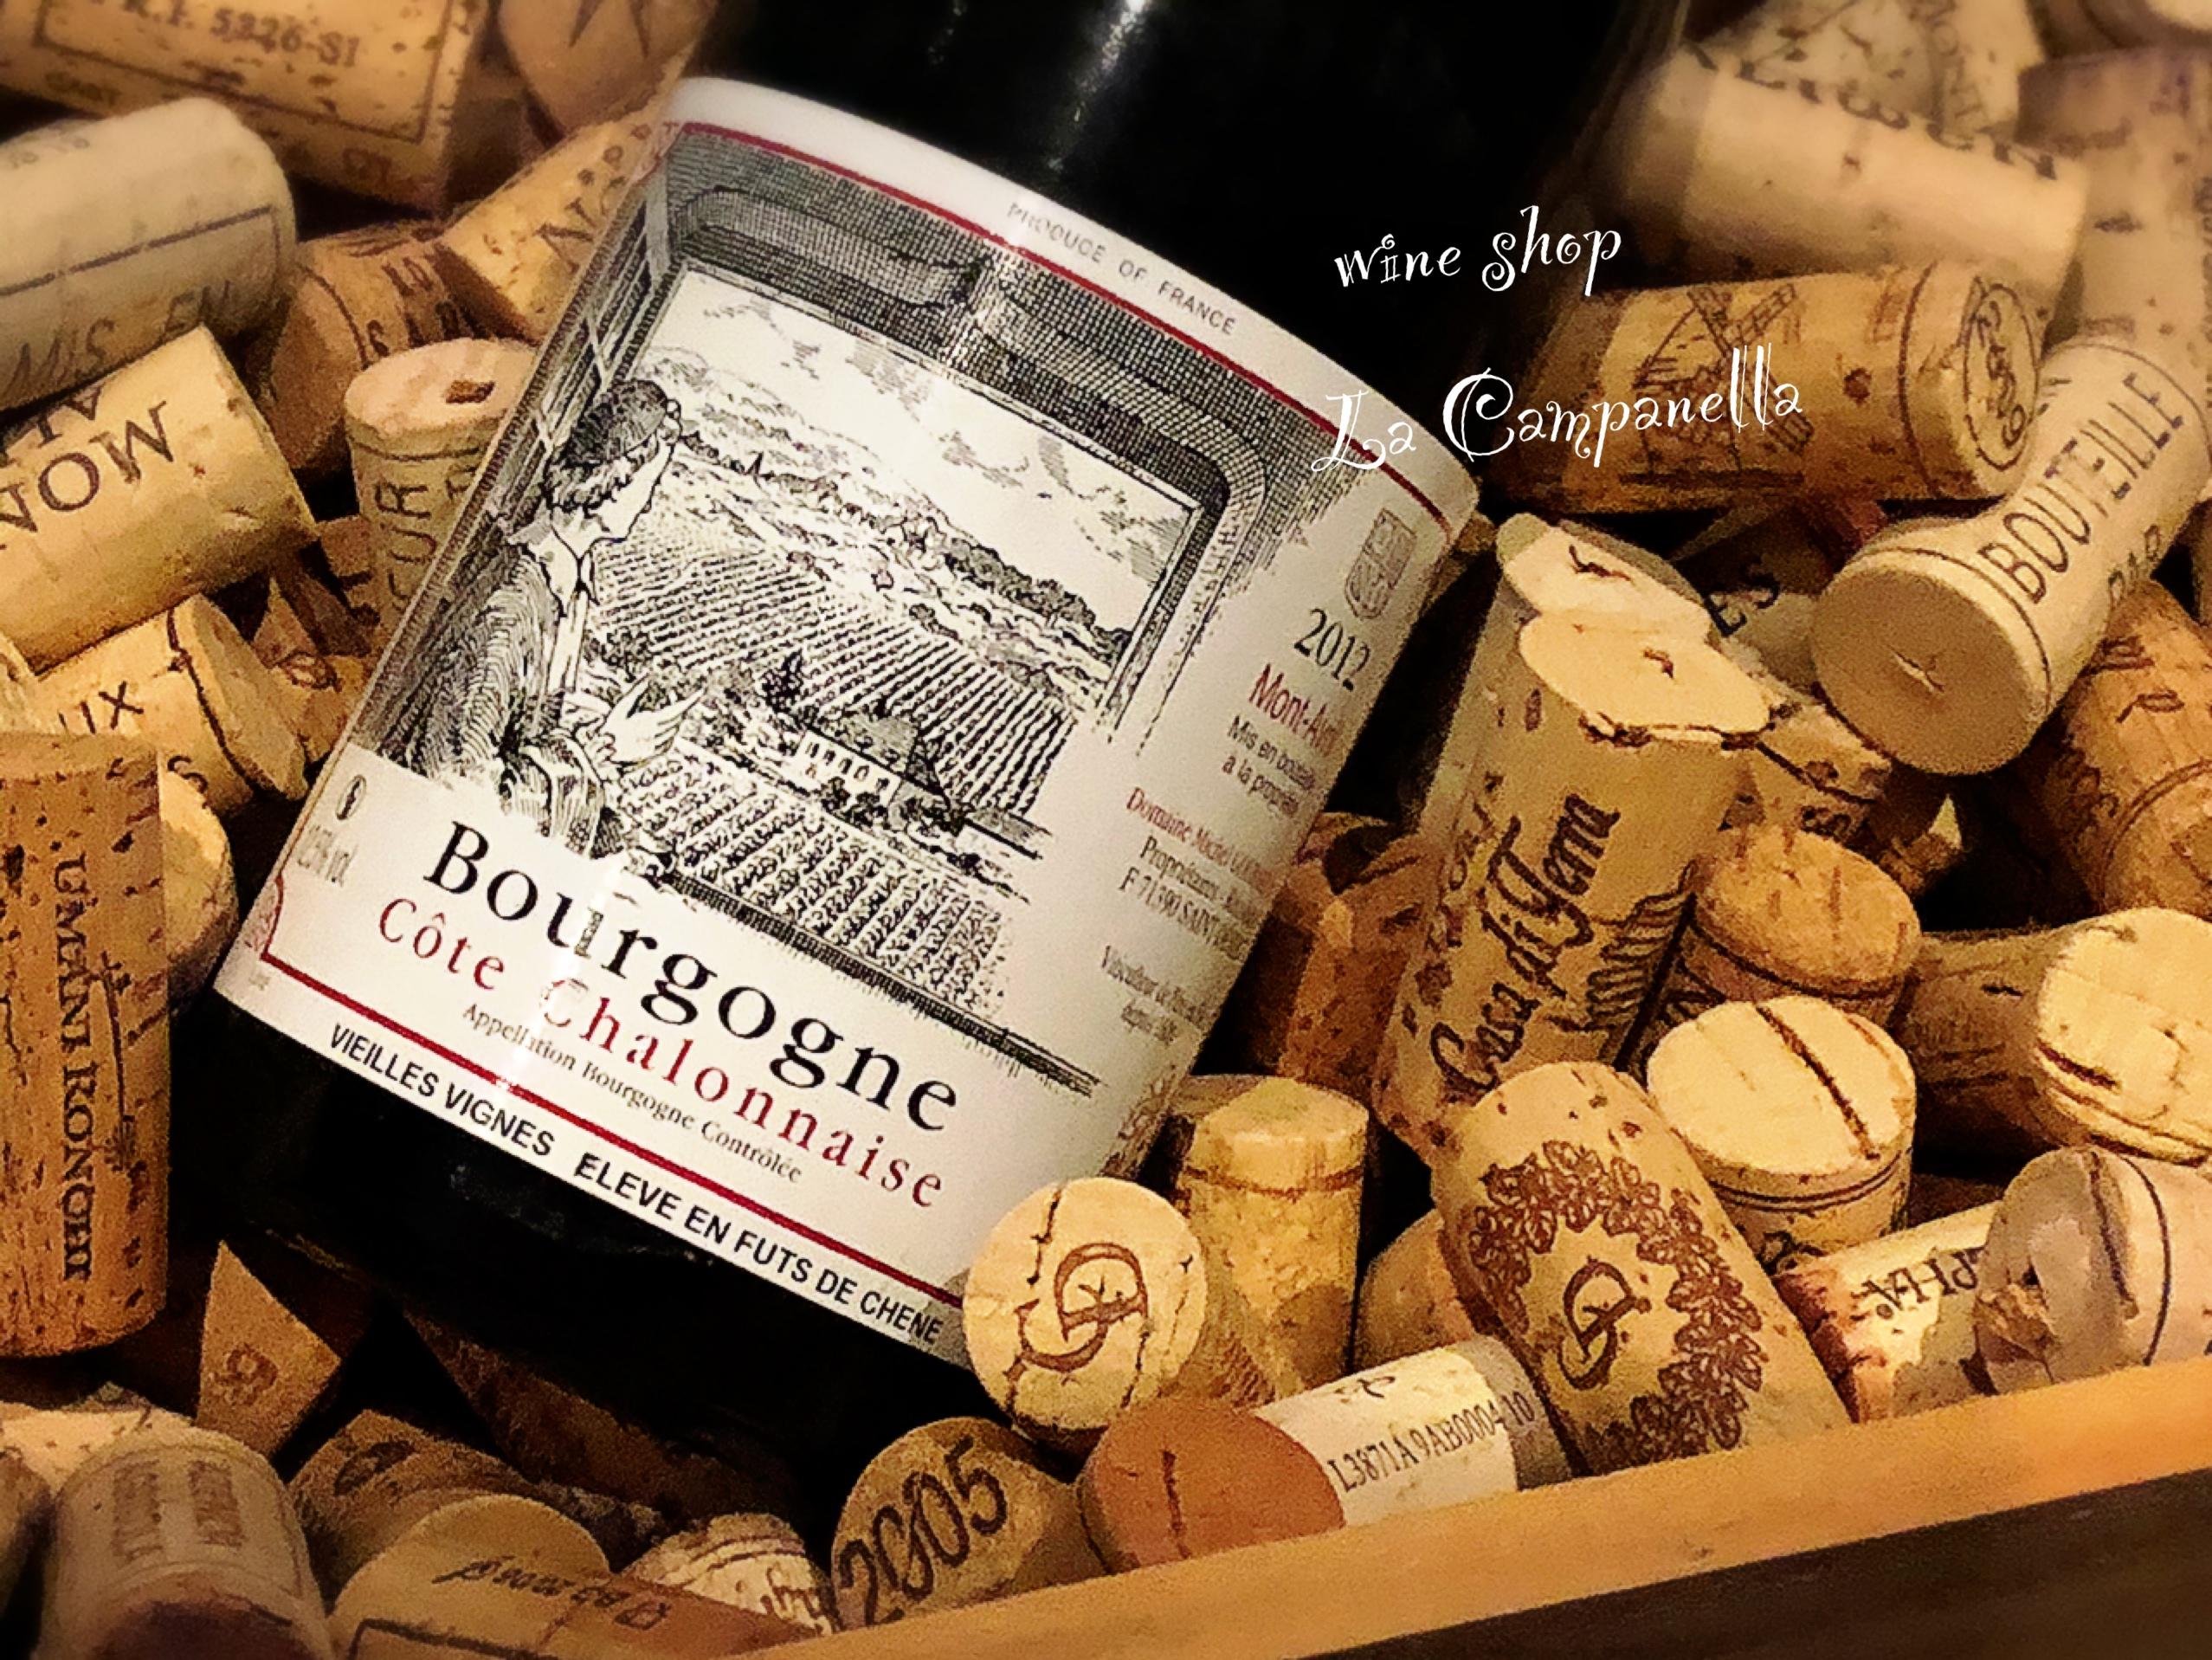 Bourgogne Cotes Chalonnaise V.V.